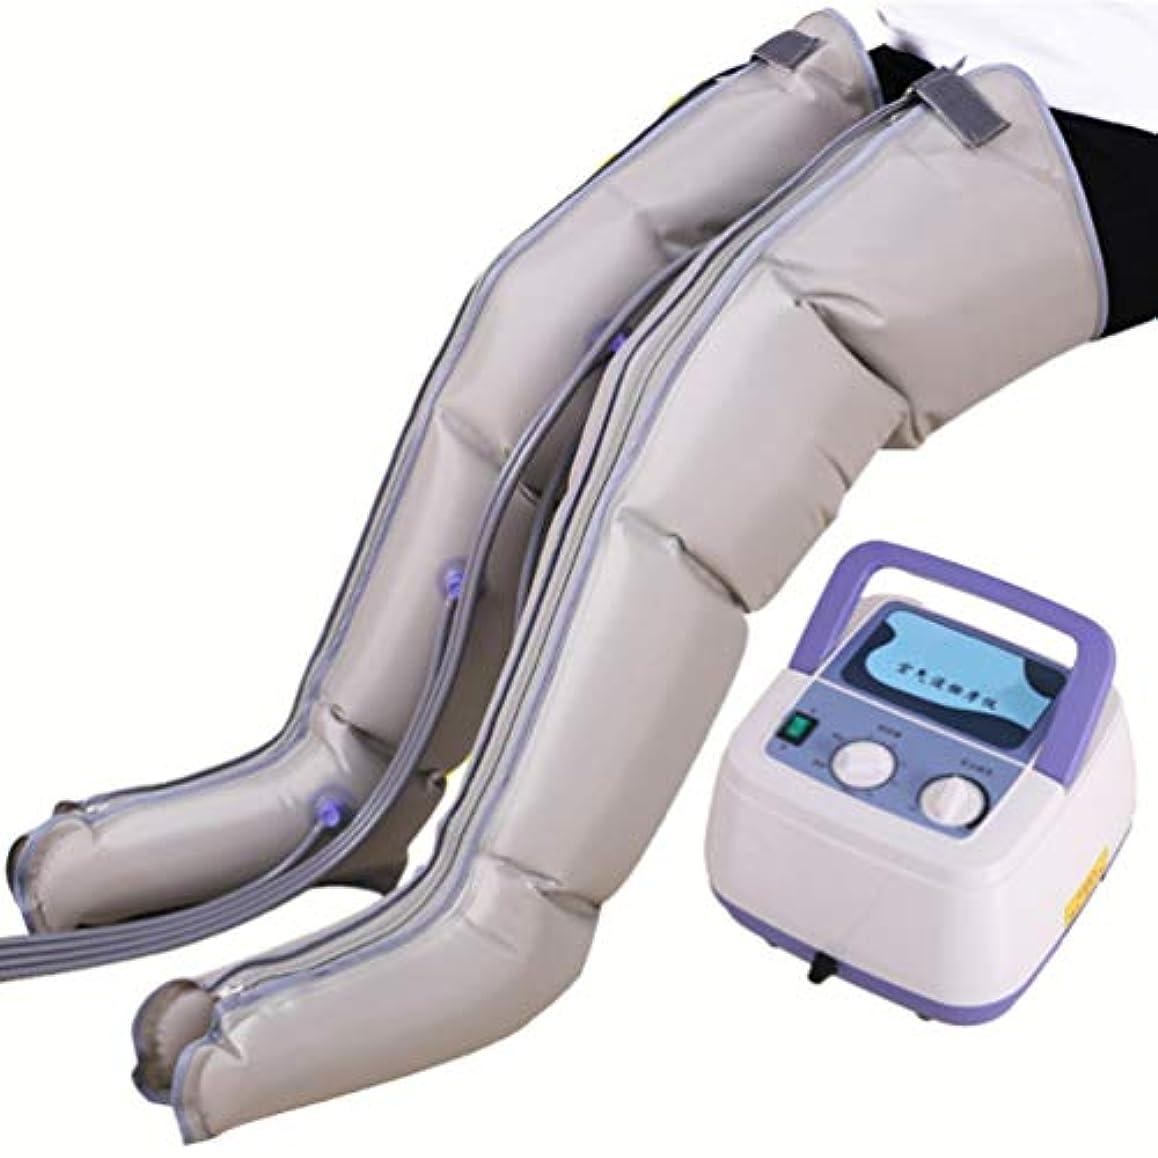 チャーターバーガードロップ空気圧縮の足のマッサージャー4つのキャビティ足およびフィートの筋肉循環のマッサージ療法のために任意6つのキャビティは膨潤および浮腫の苦痛を助けます,sixCavity